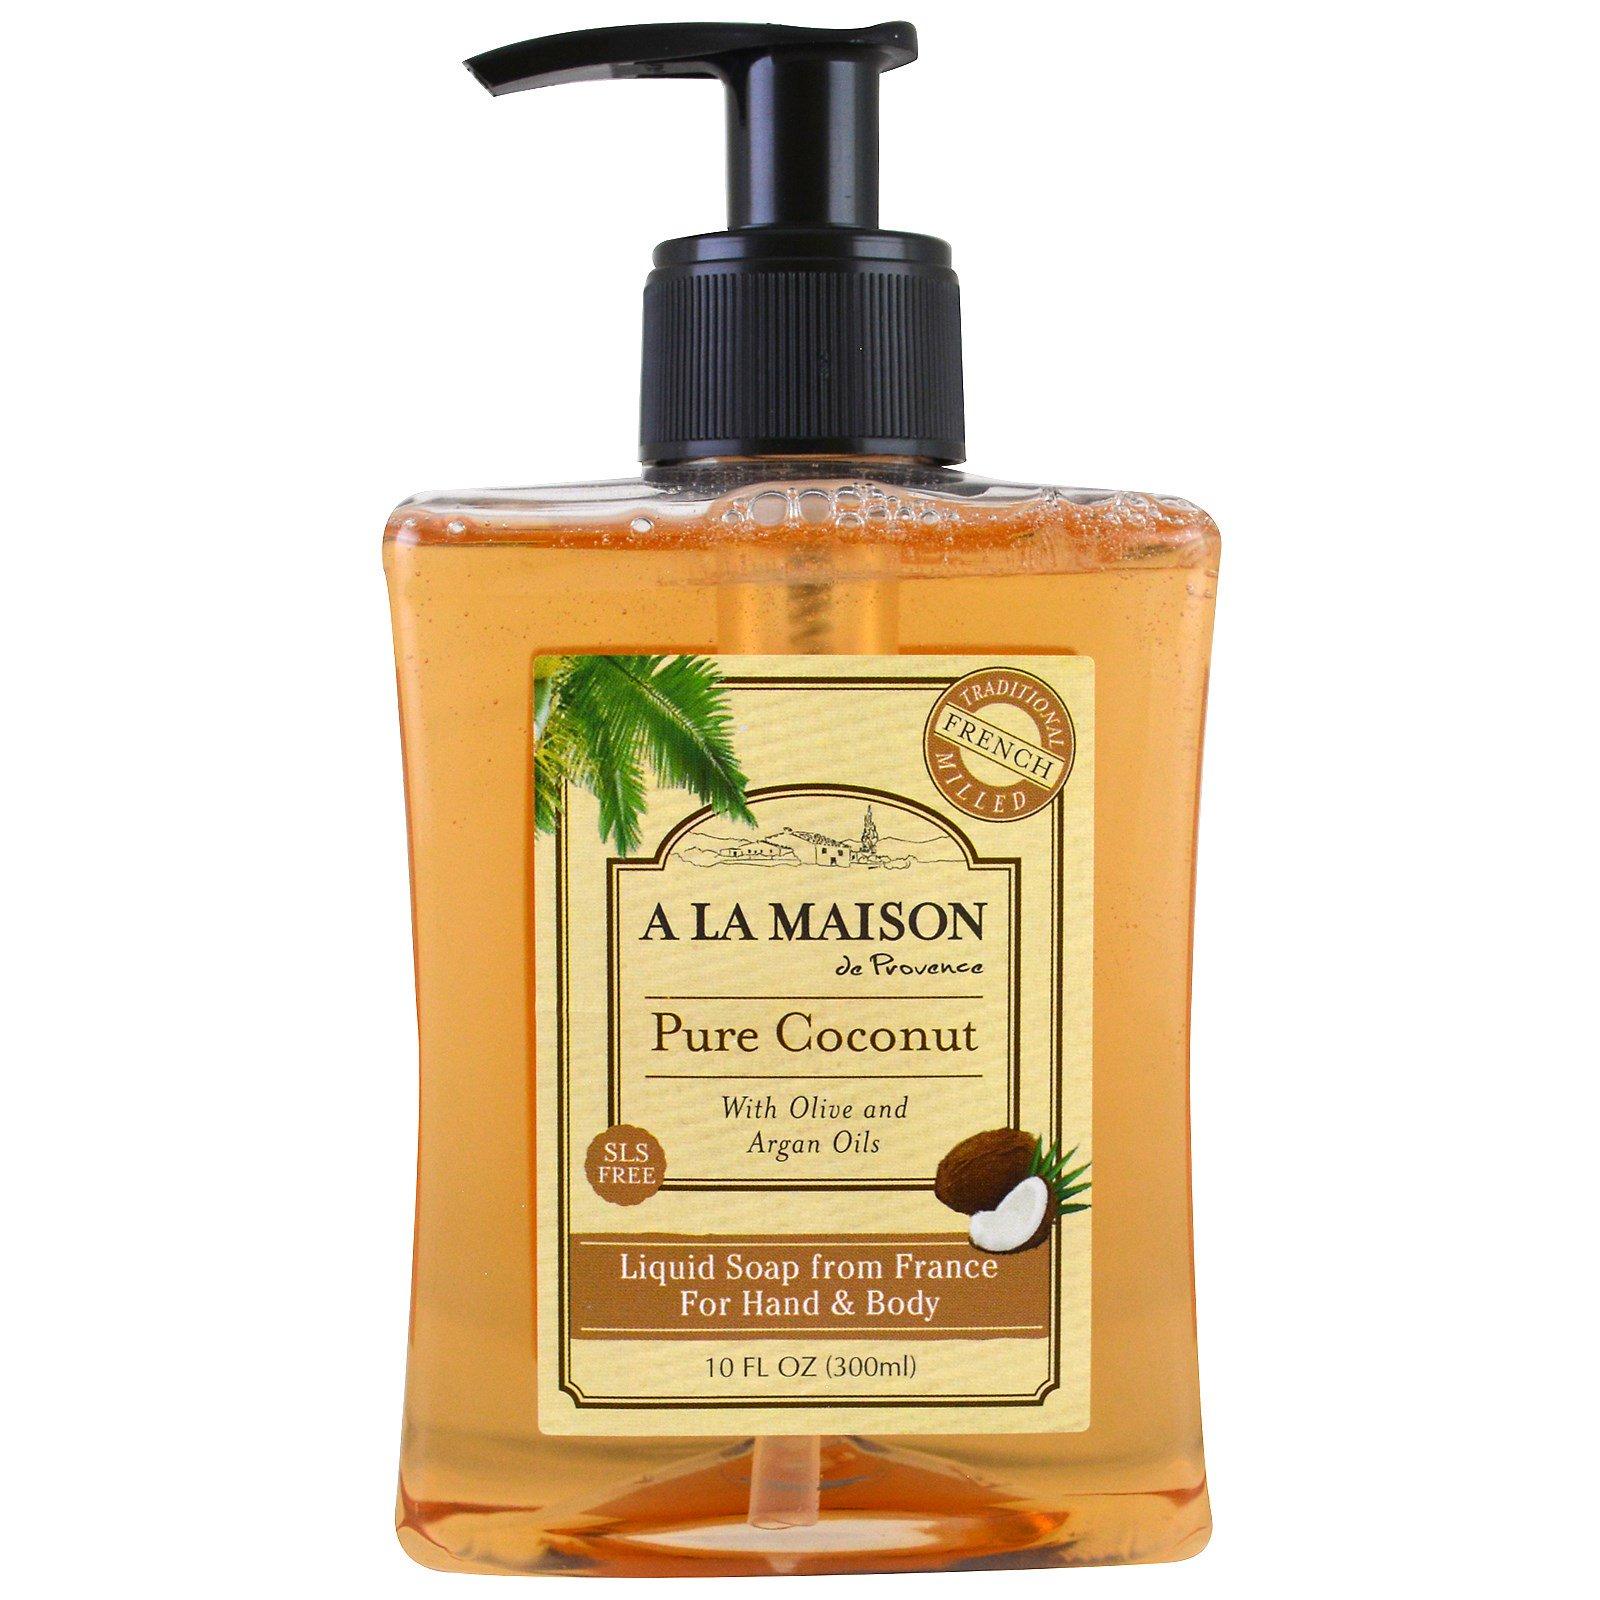 A La Maison de Provence, Жидкое мыло для рук и тела, чистый кокос, 10 мл (300 мл)